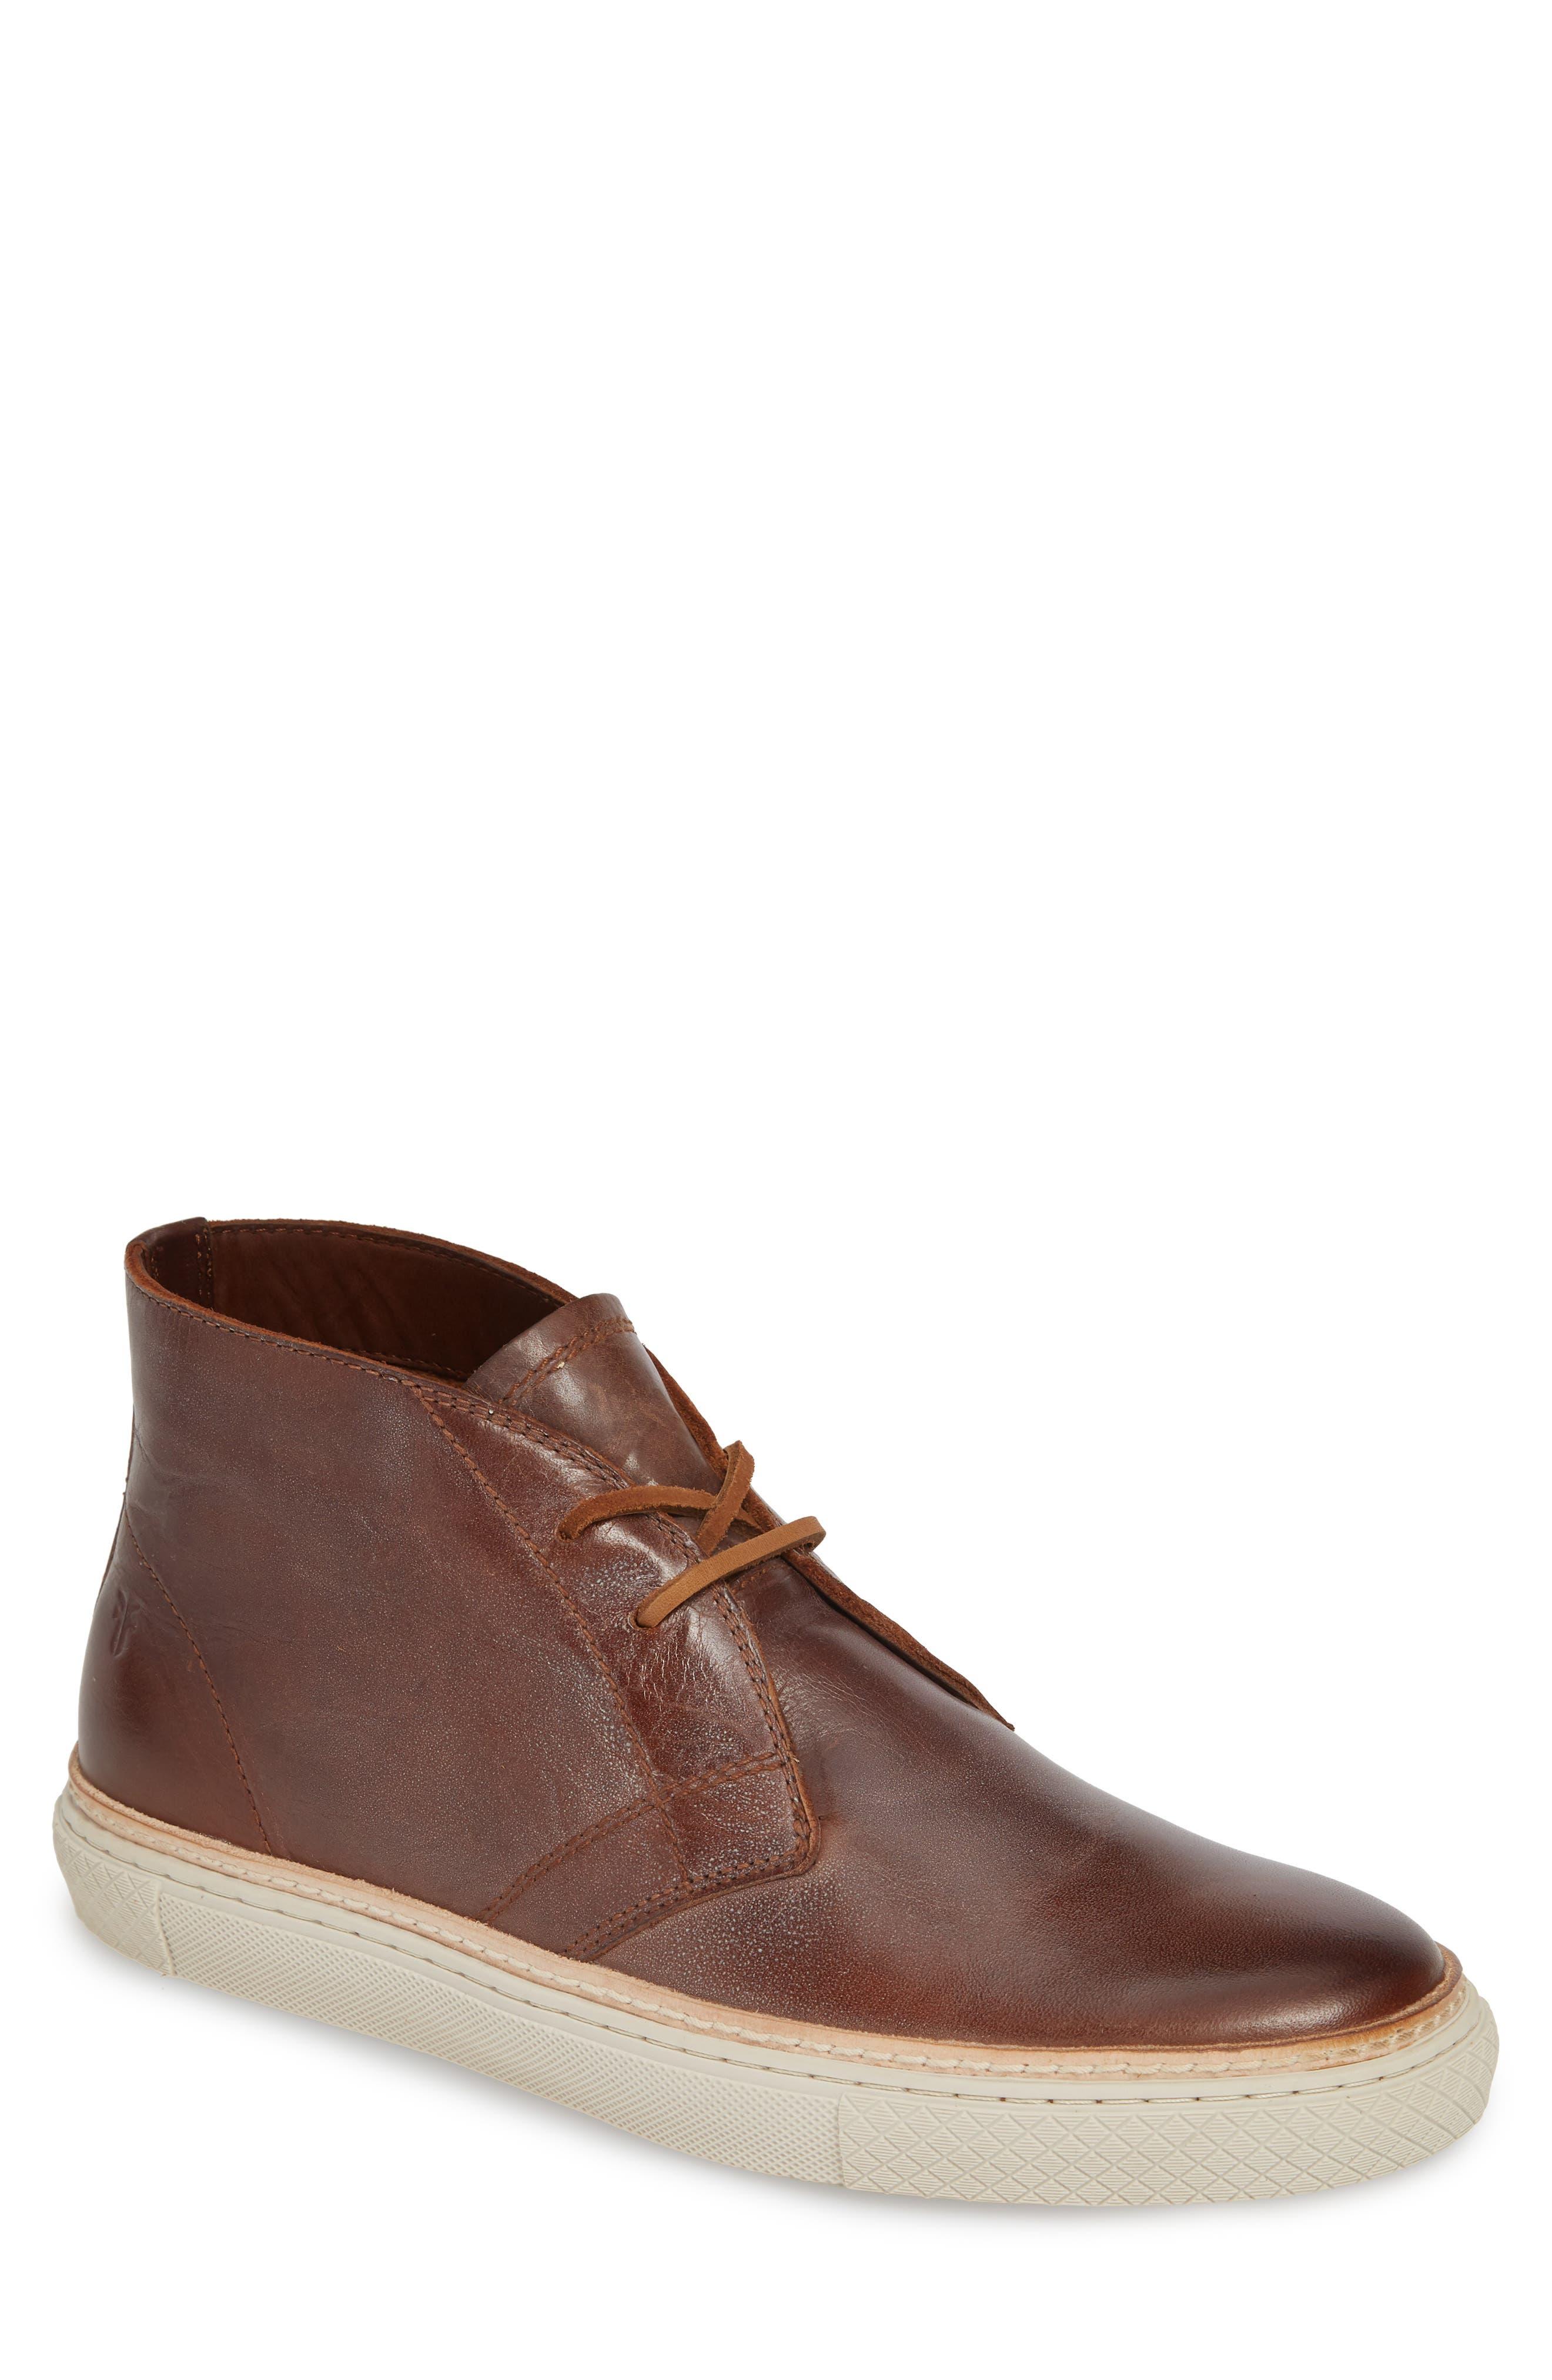 2149d9c106c Buy shoes for men - Best men s shoes shop - Cools.com